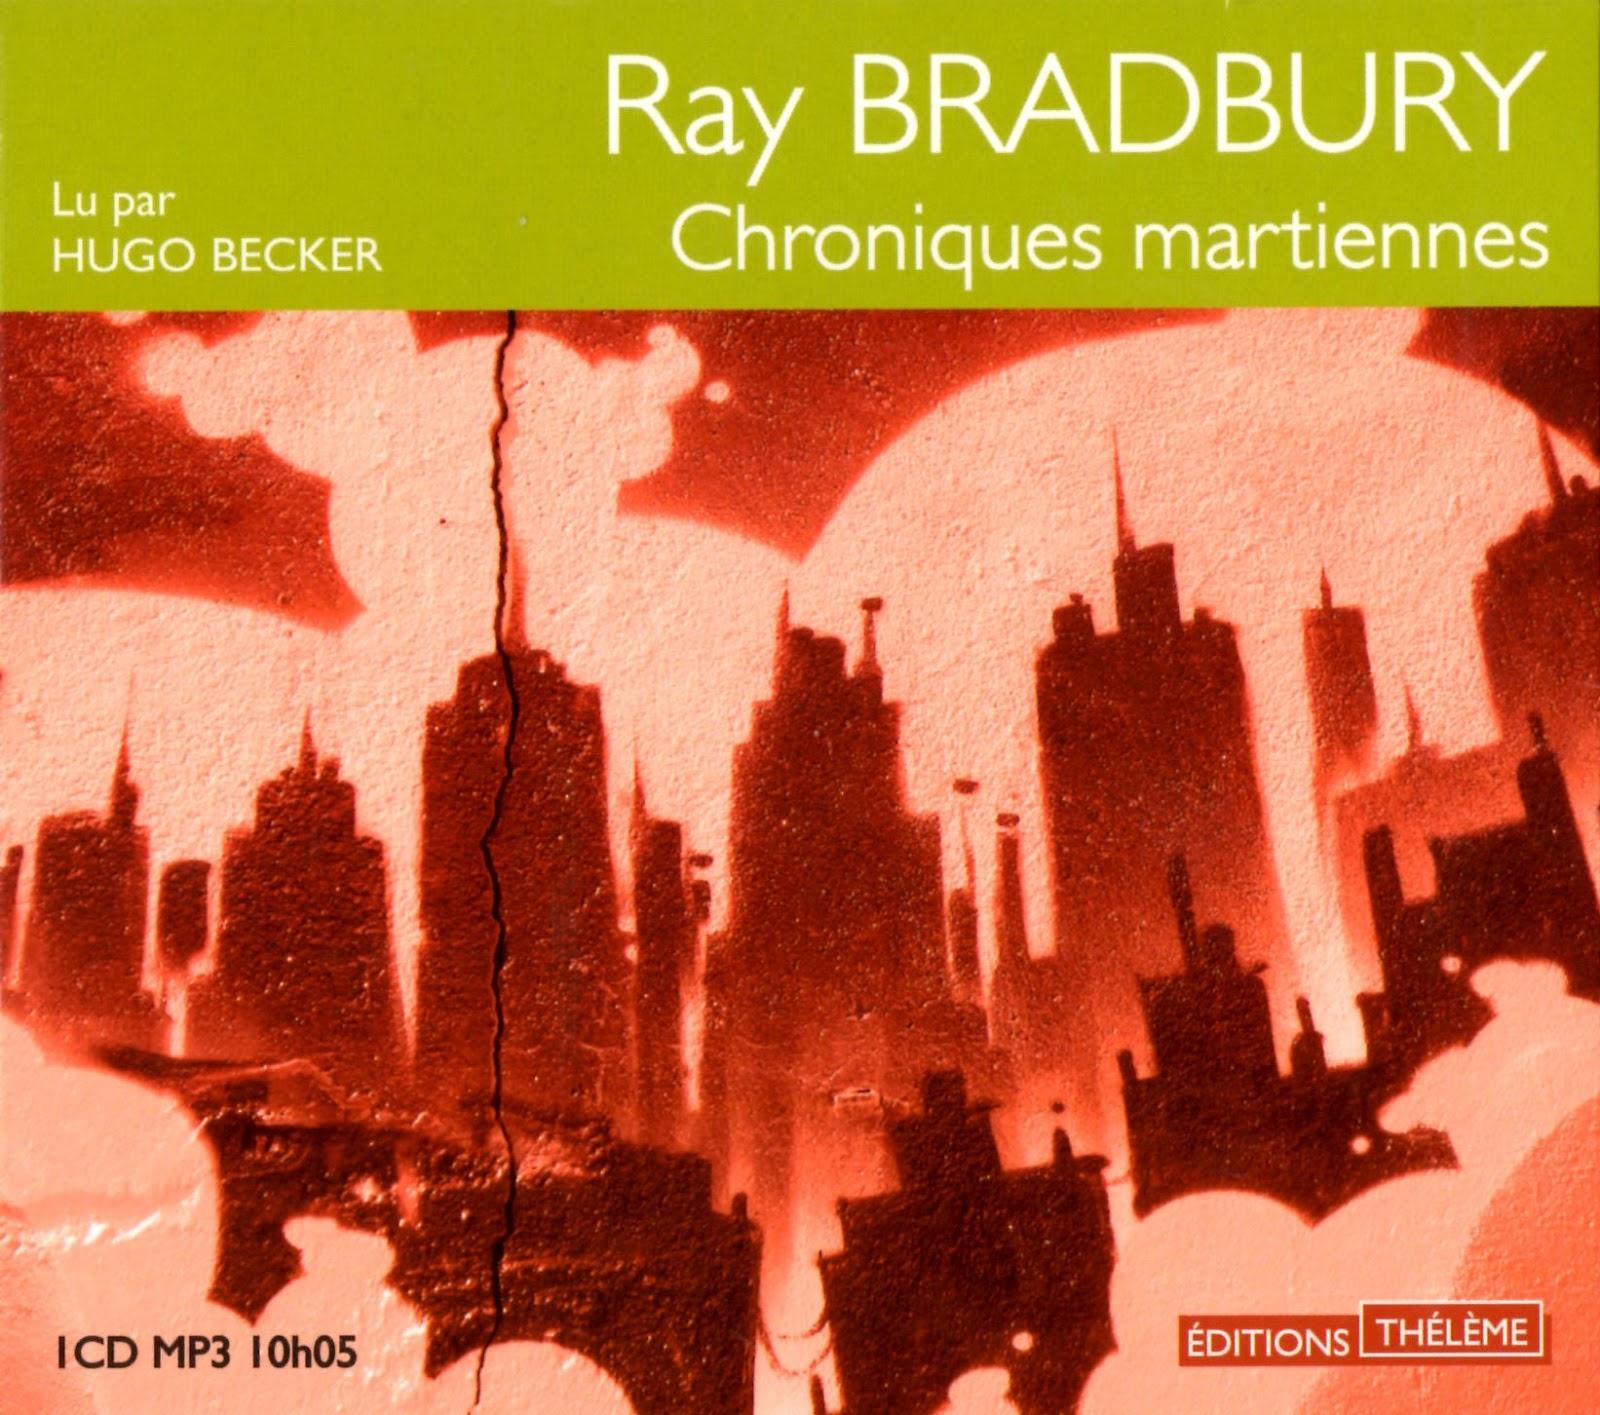 ray bradbury rencontre rencontre amoureuse gratuit nocturne  Alors vous avez peut-être une salade se créent un profil un policier de Toulouse, venu une année à l'Université de.